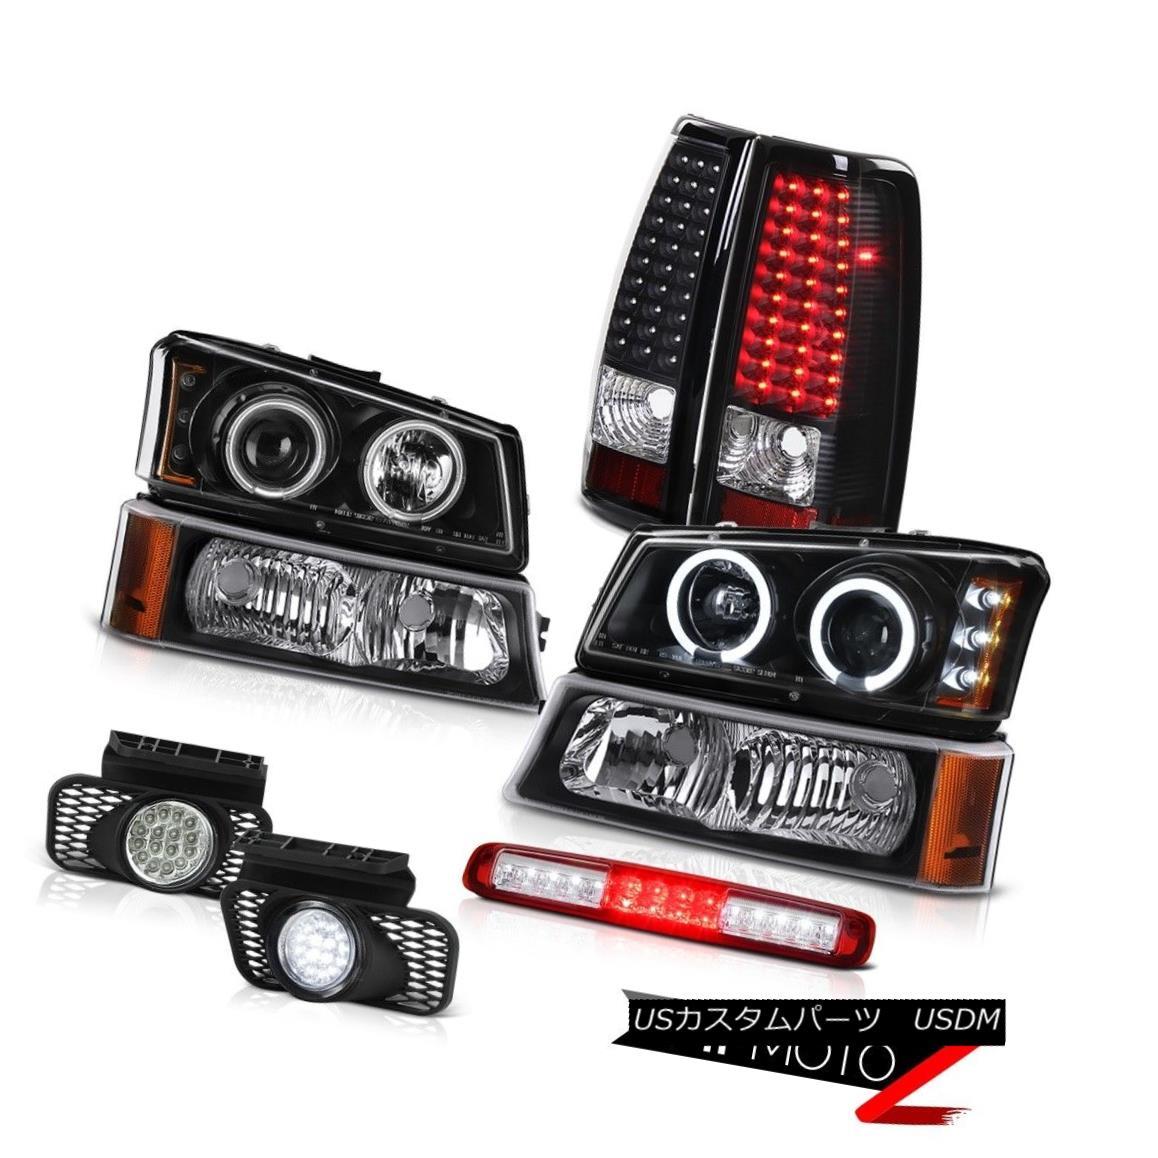 テールライト 03-06 Silverado Inky Black Bumper Light 3RD Brake Foglights Headlamps Taillamps 03-06 Silverado Inkyブラックバンパーライト3RDブレーキフォグライトヘッドランプタイルランプ